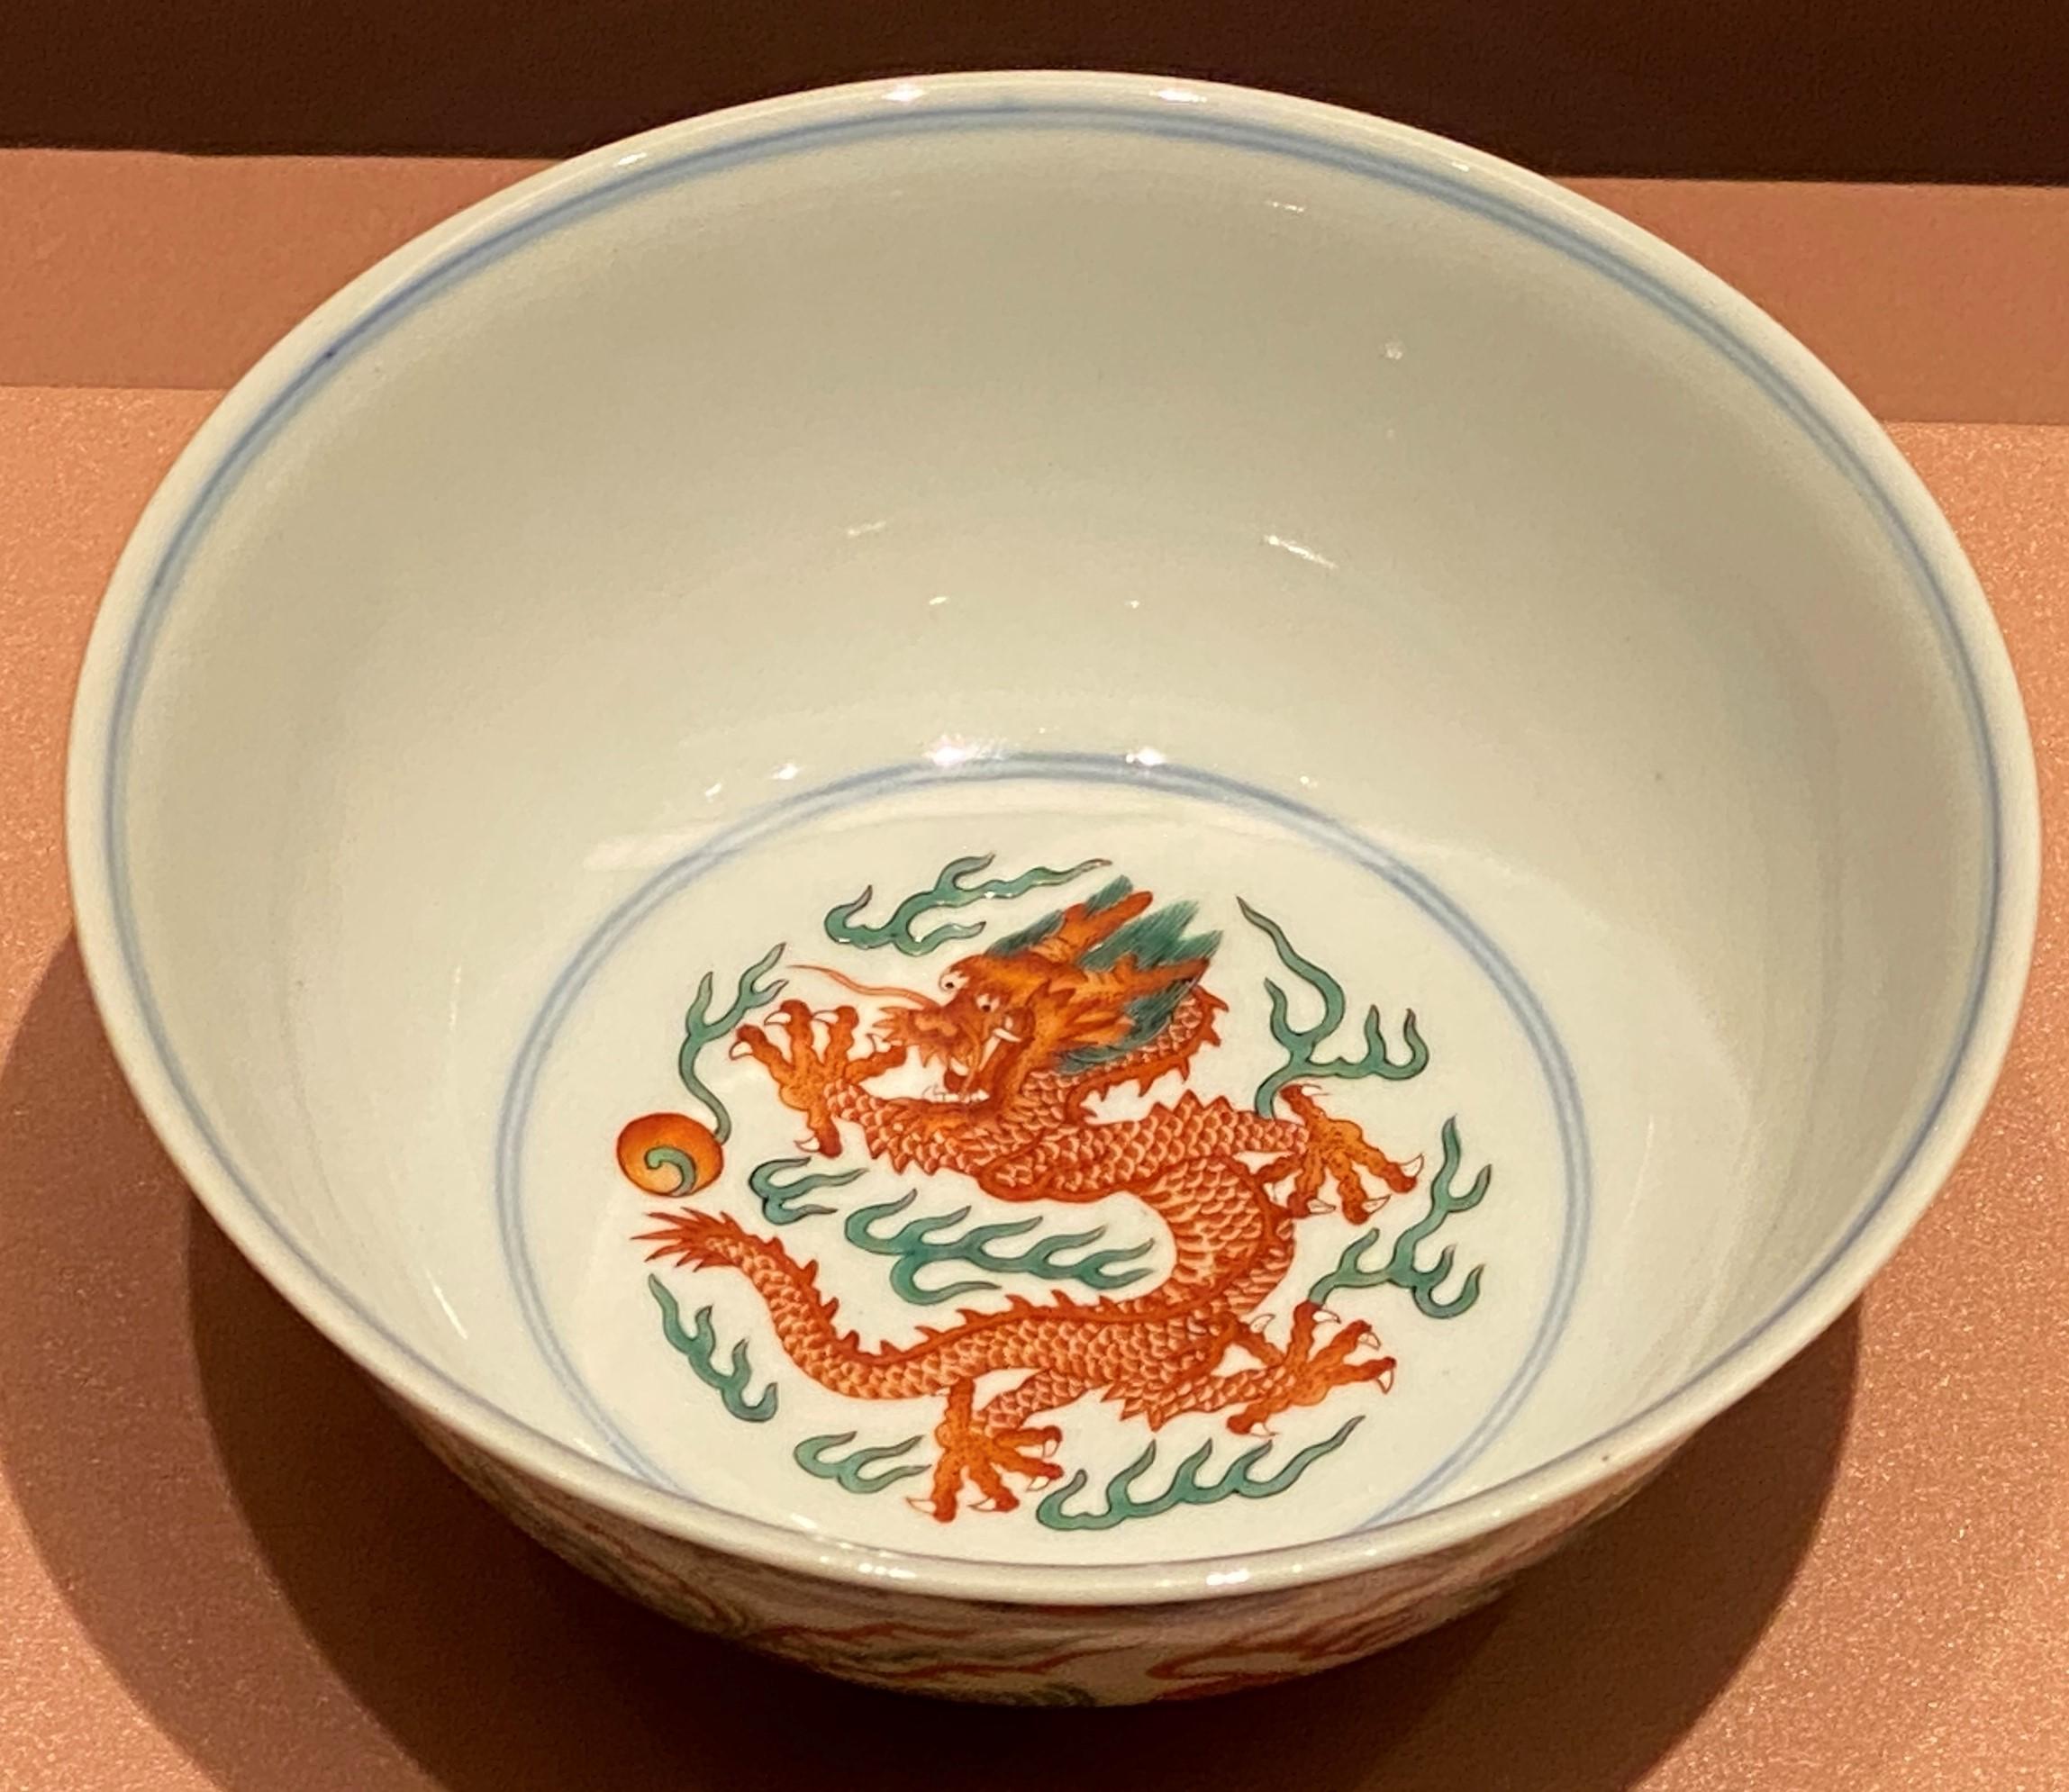 乾隆鬥彩八宝龍鳳碗-清時代-特別展【食味人間】四川博物院・中国国家博物館